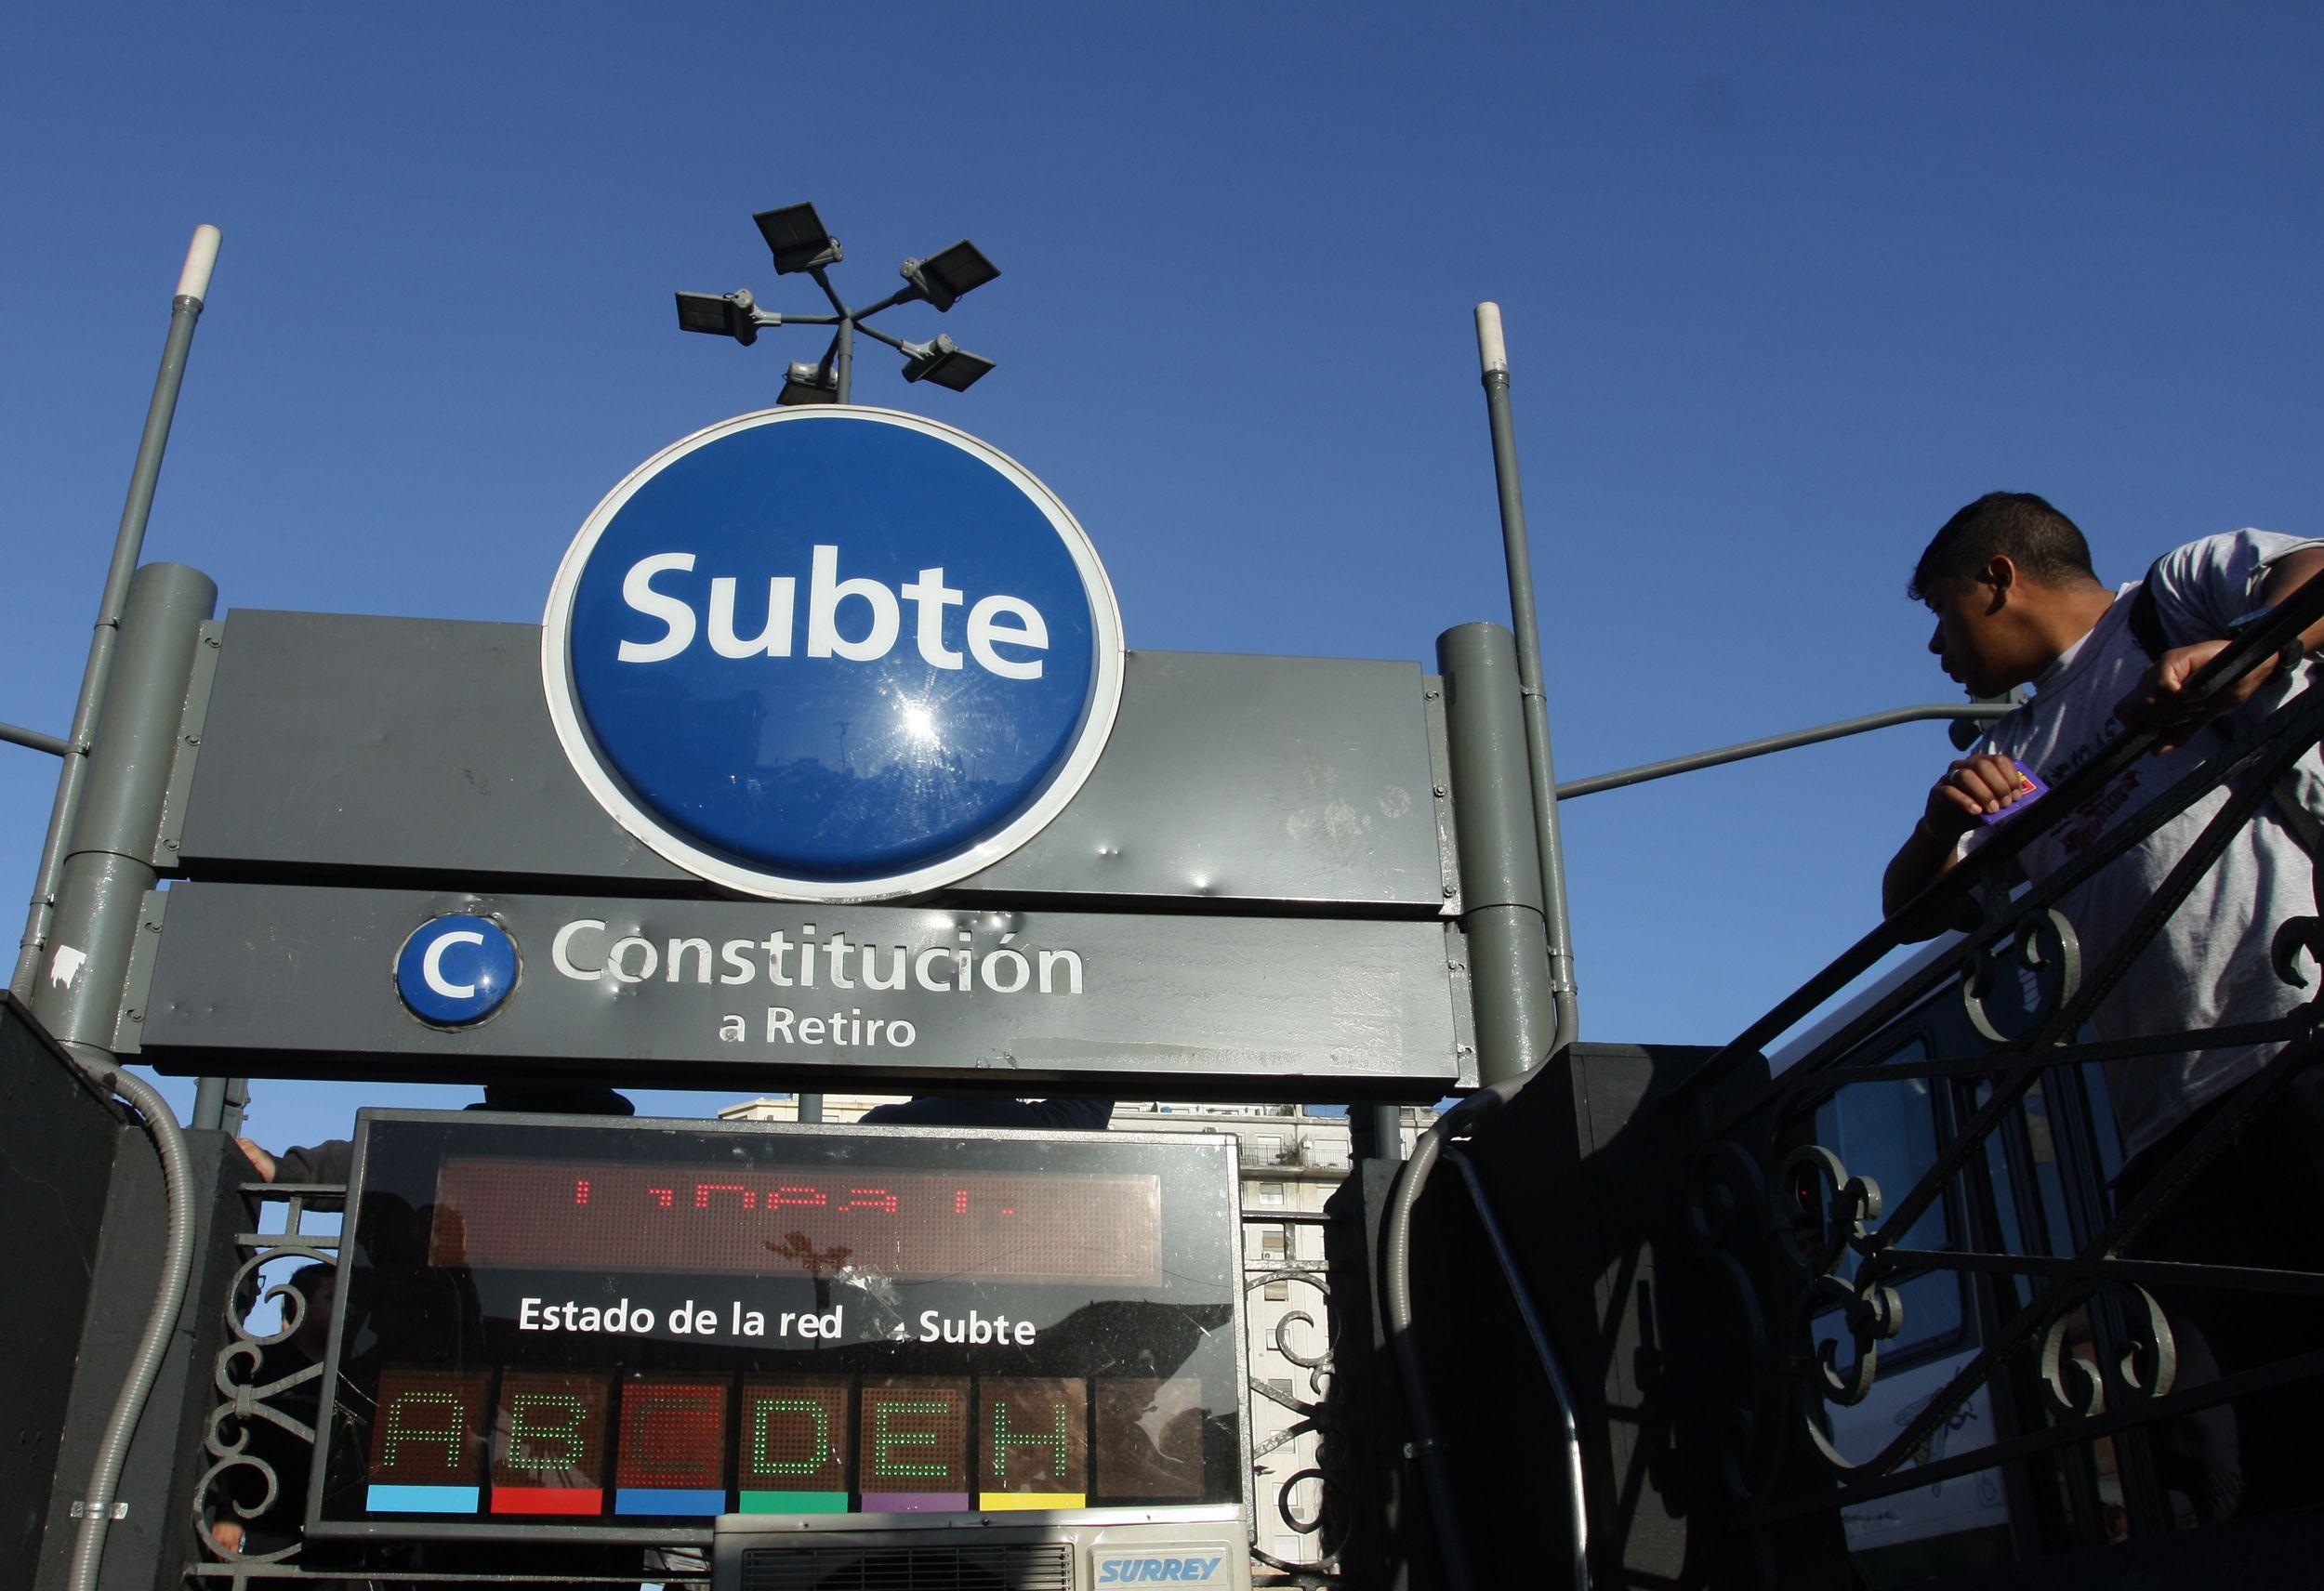 Por obras en la línea C, cierran la estación Constitución del subte